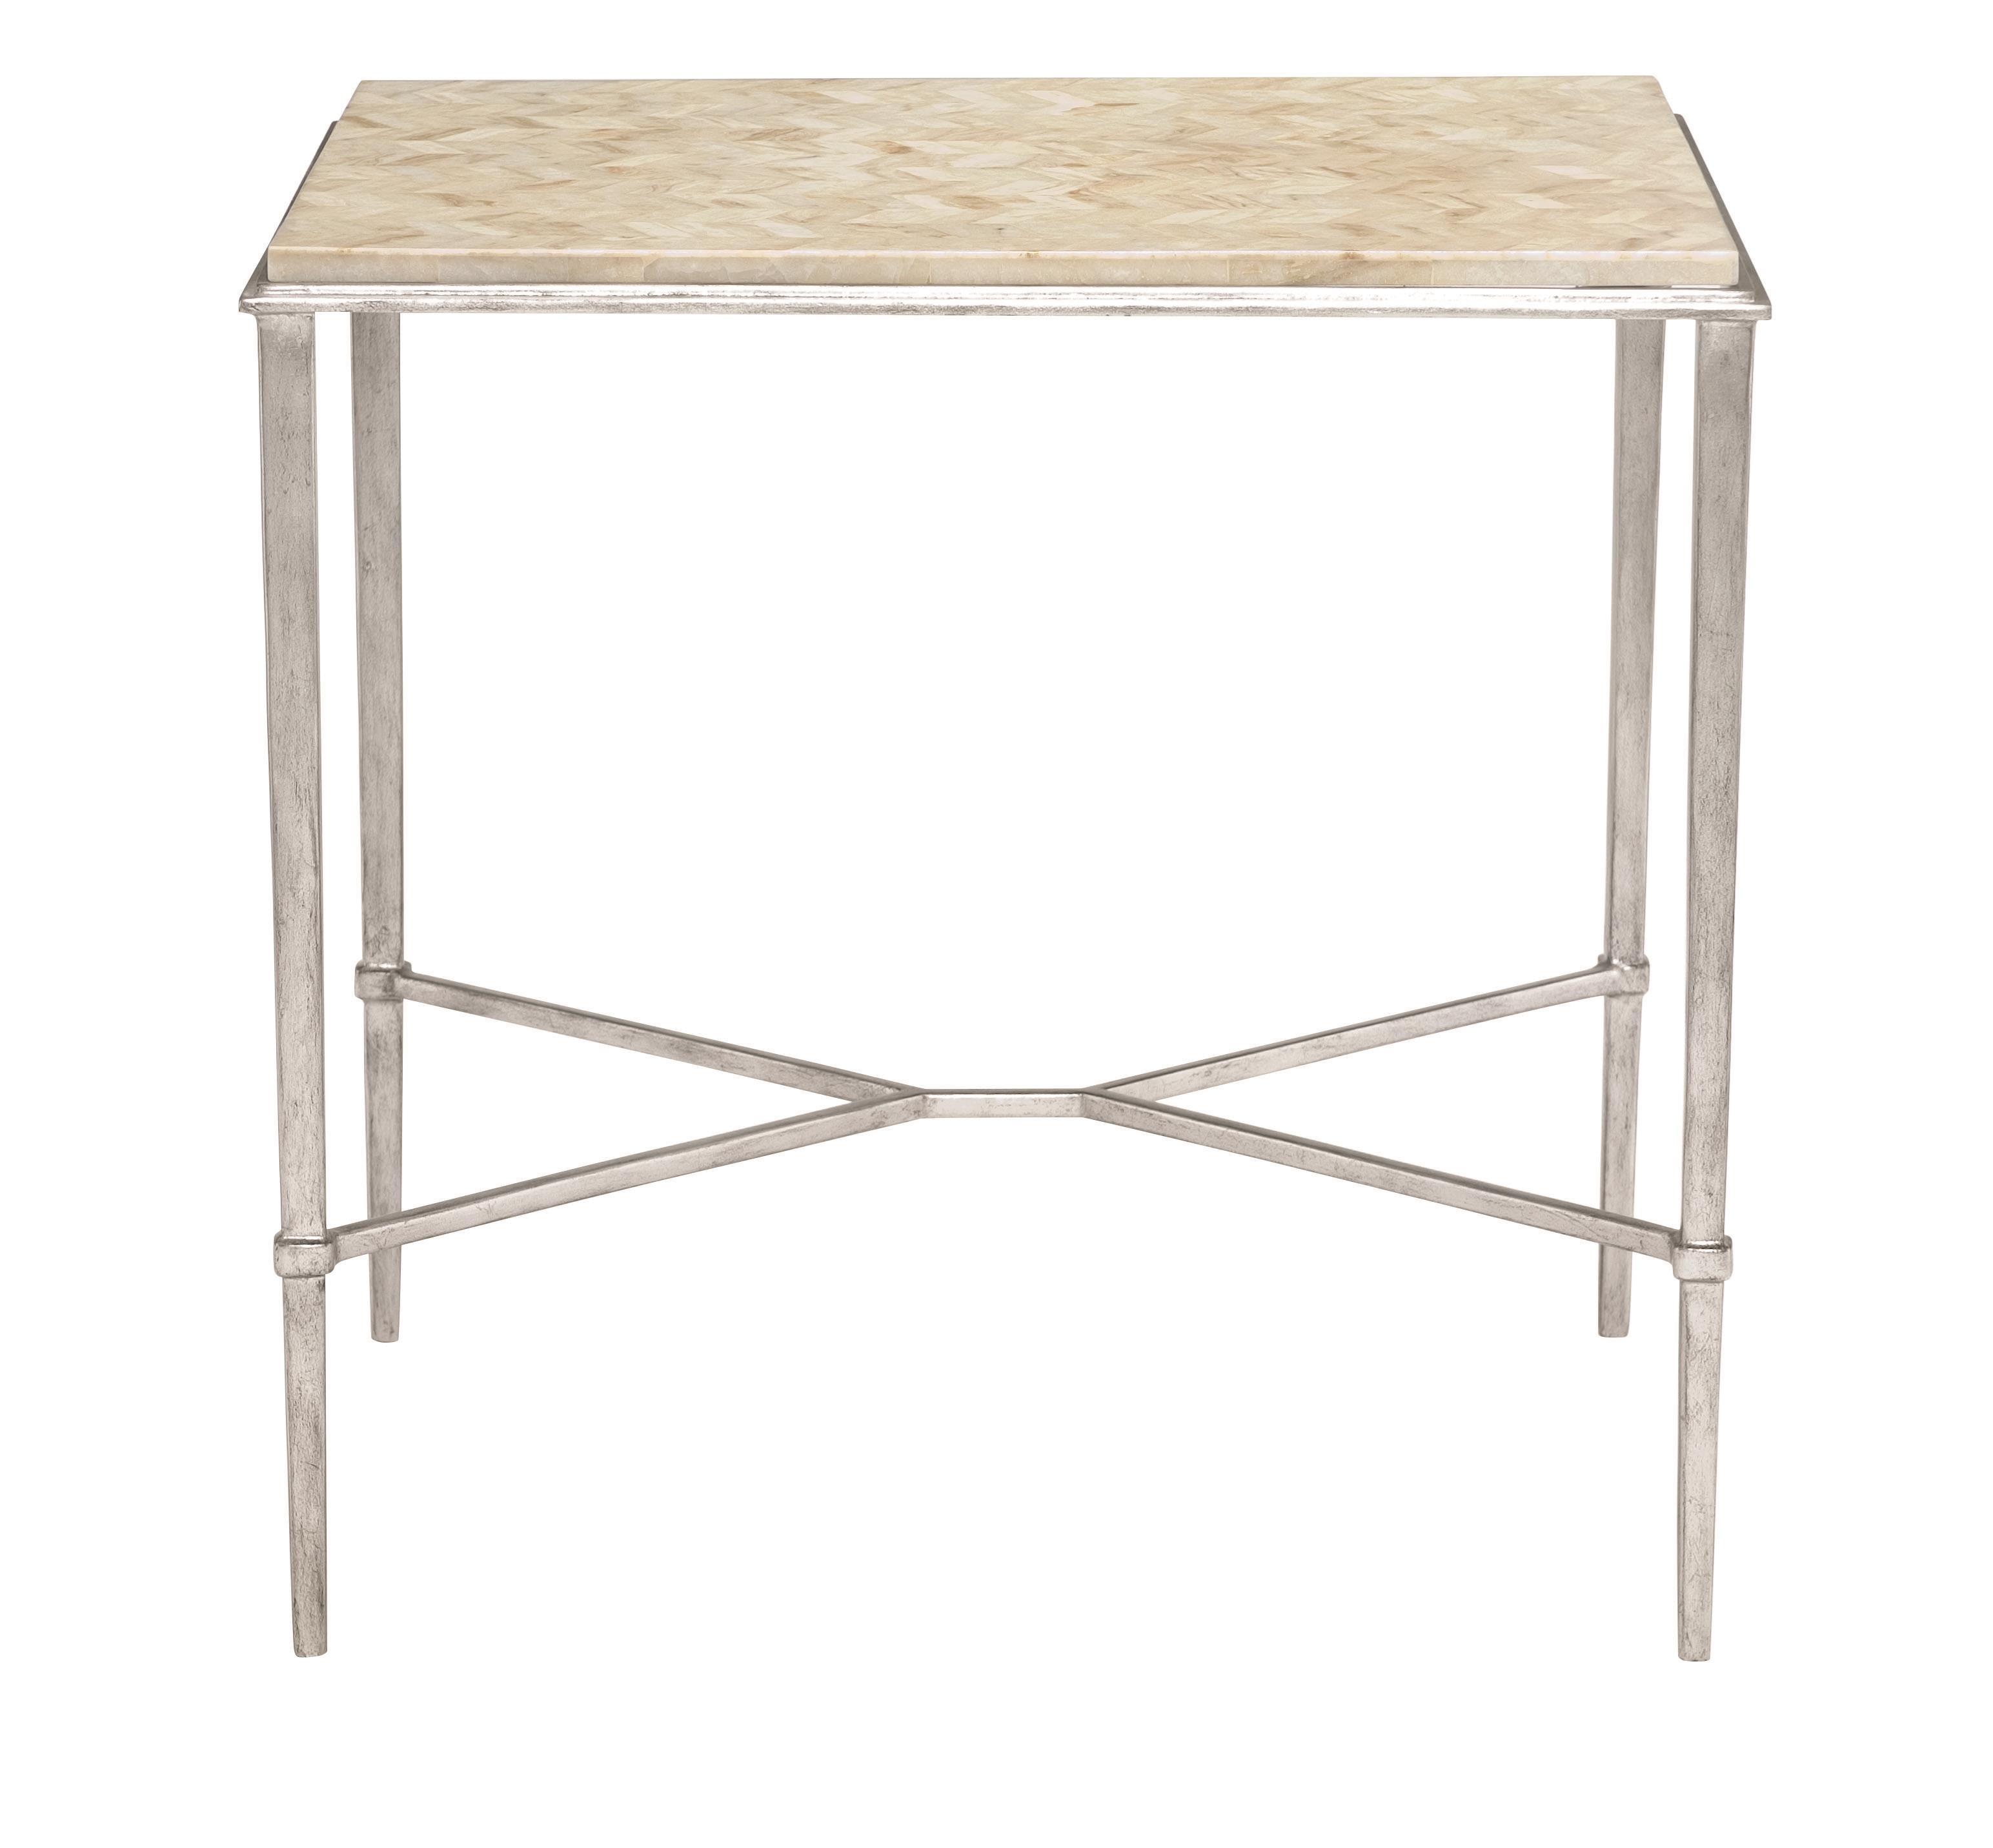 Bernhardt Solange Solange Side Table - Item Number: 757954820